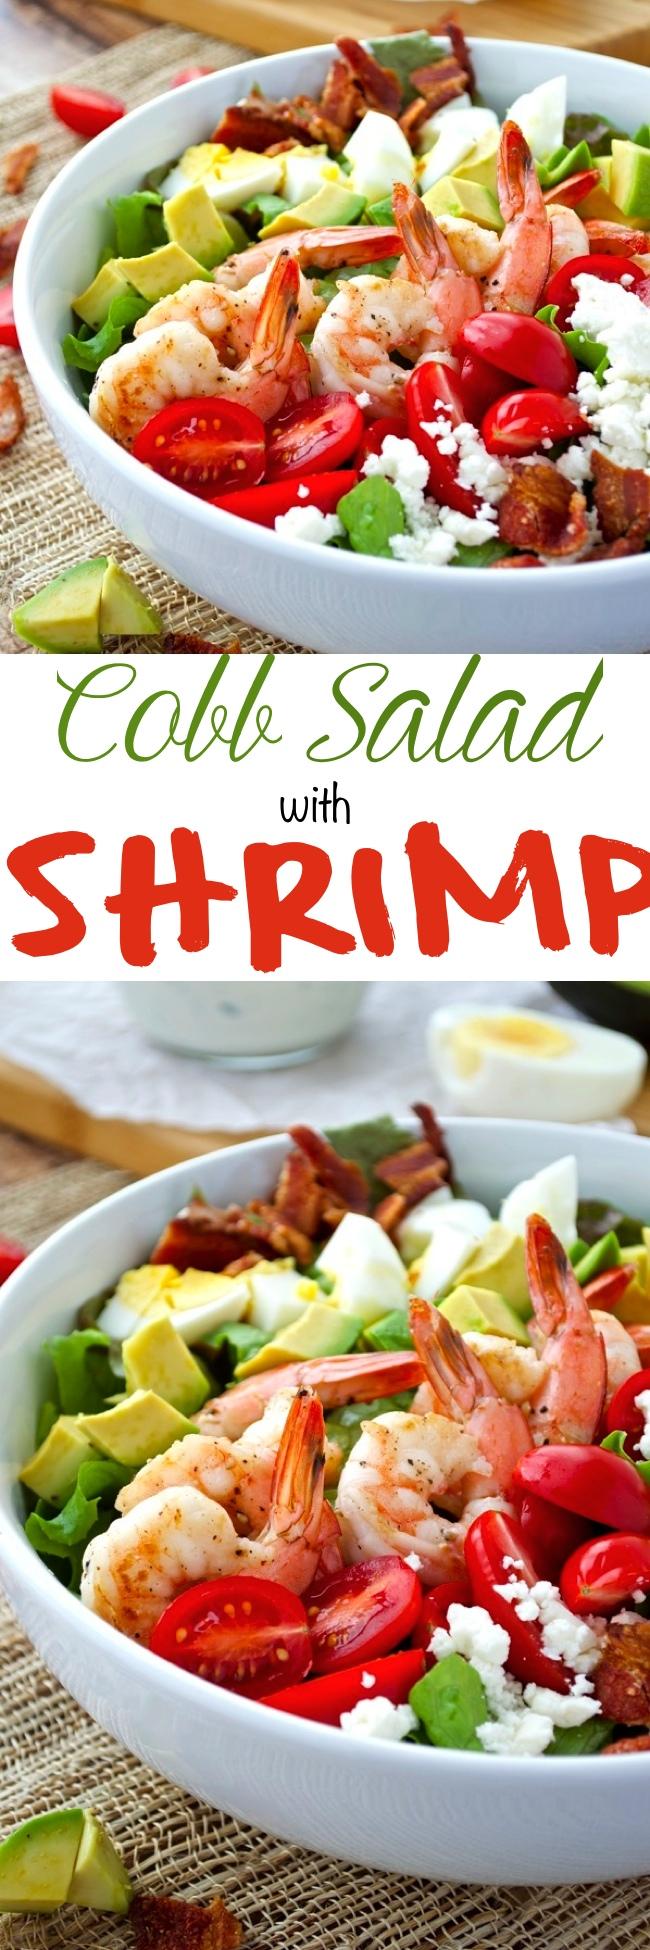 Cobb Salad with Shrimp Pin